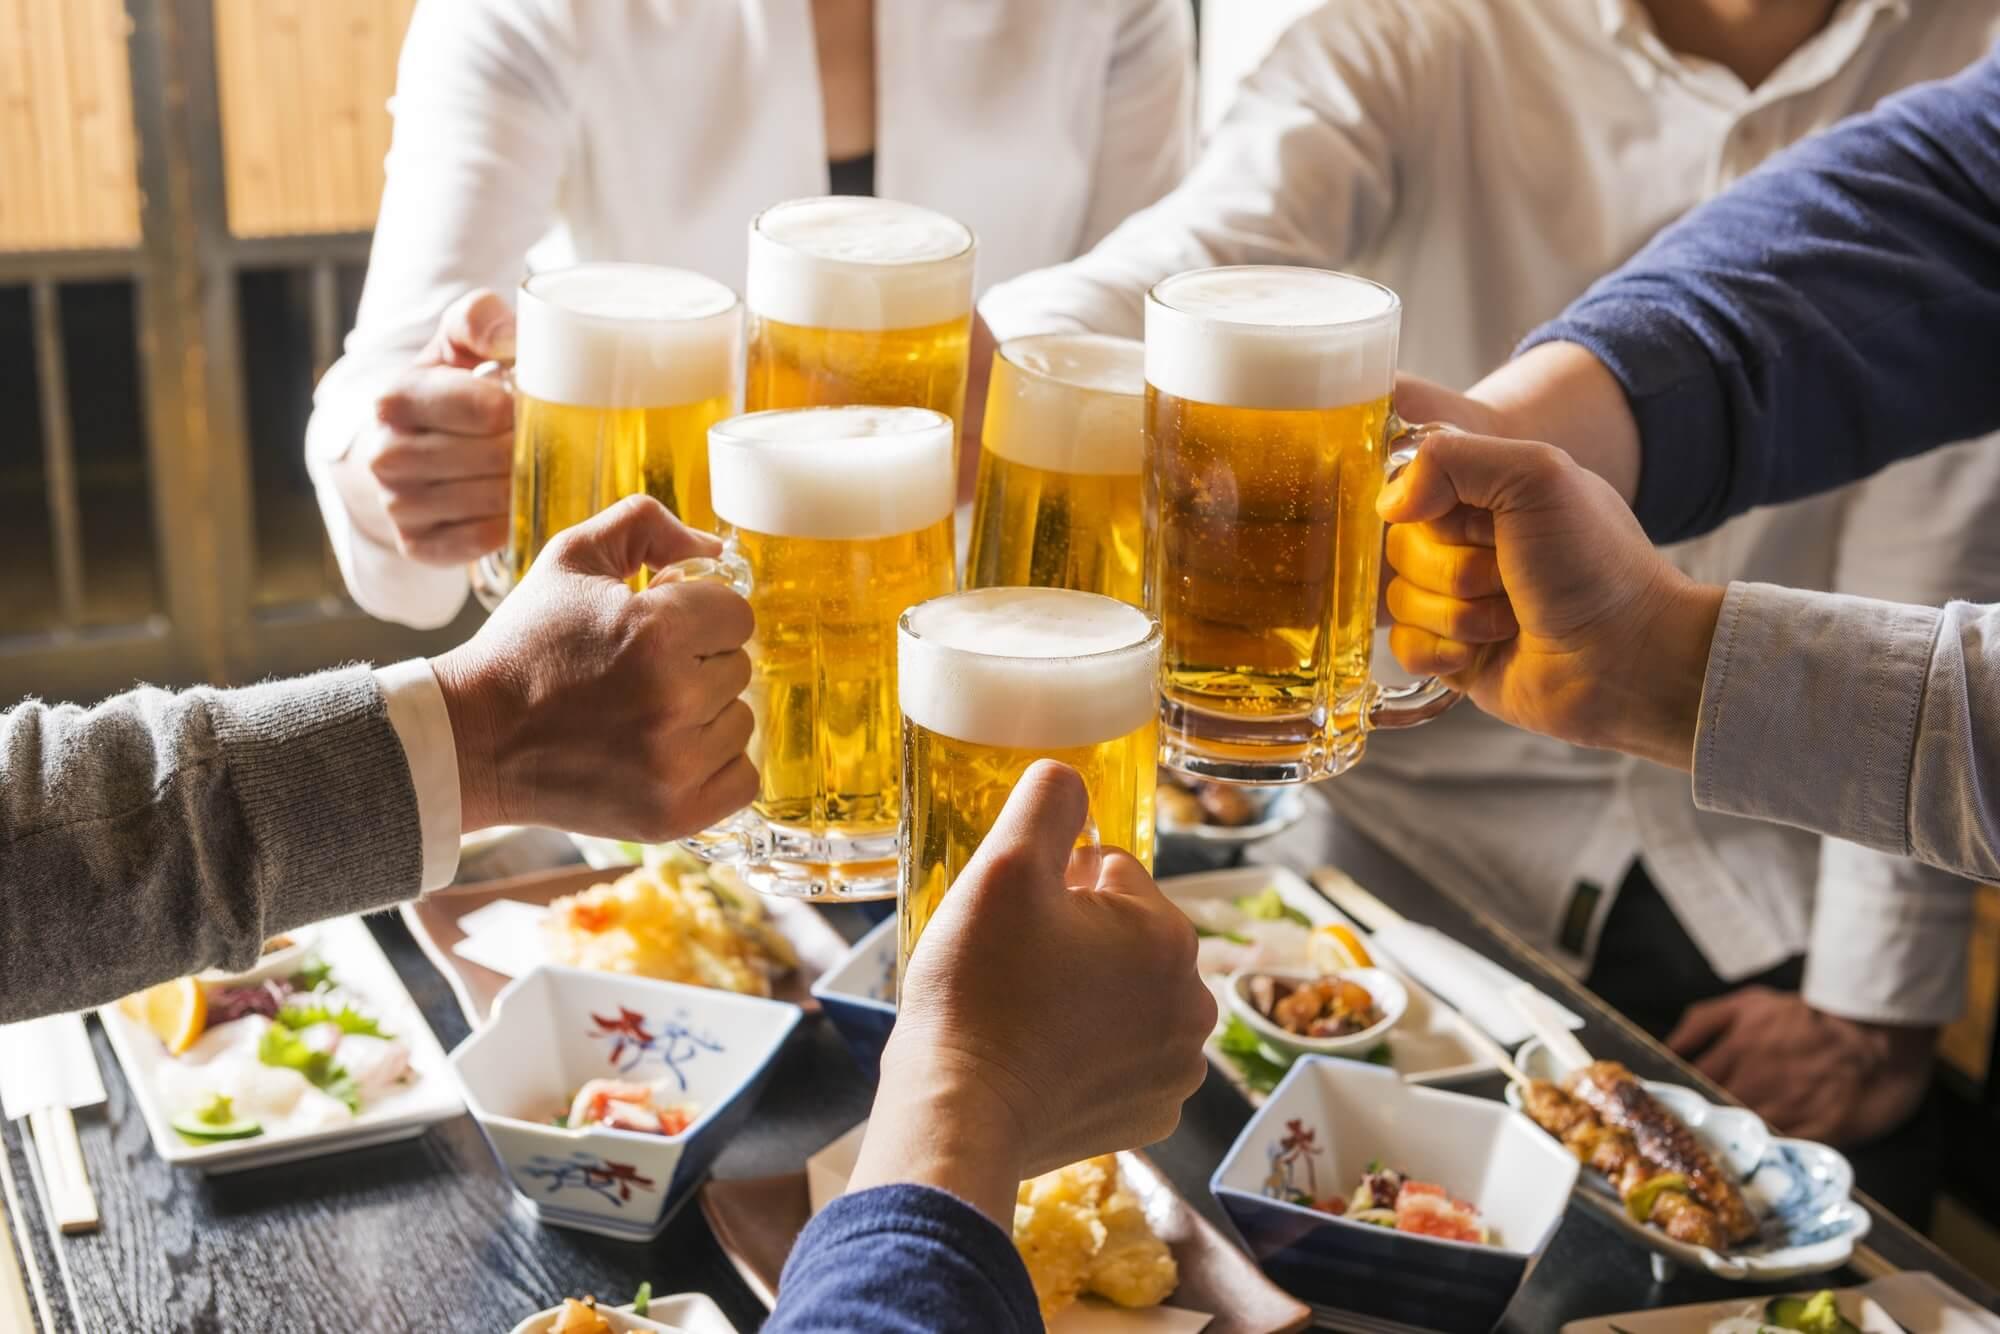 横浜駅周辺の歓送迎会にピッタリな居酒屋さん